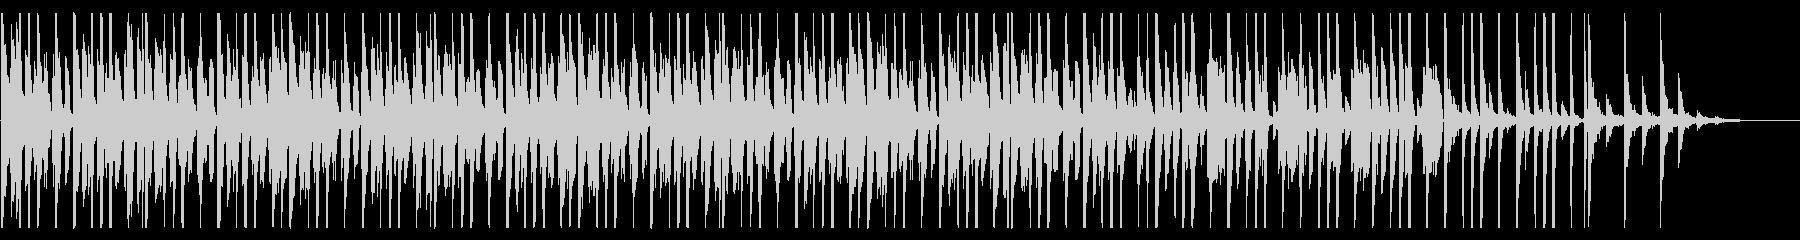 コミカルなファンク_No691_5の未再生の波形